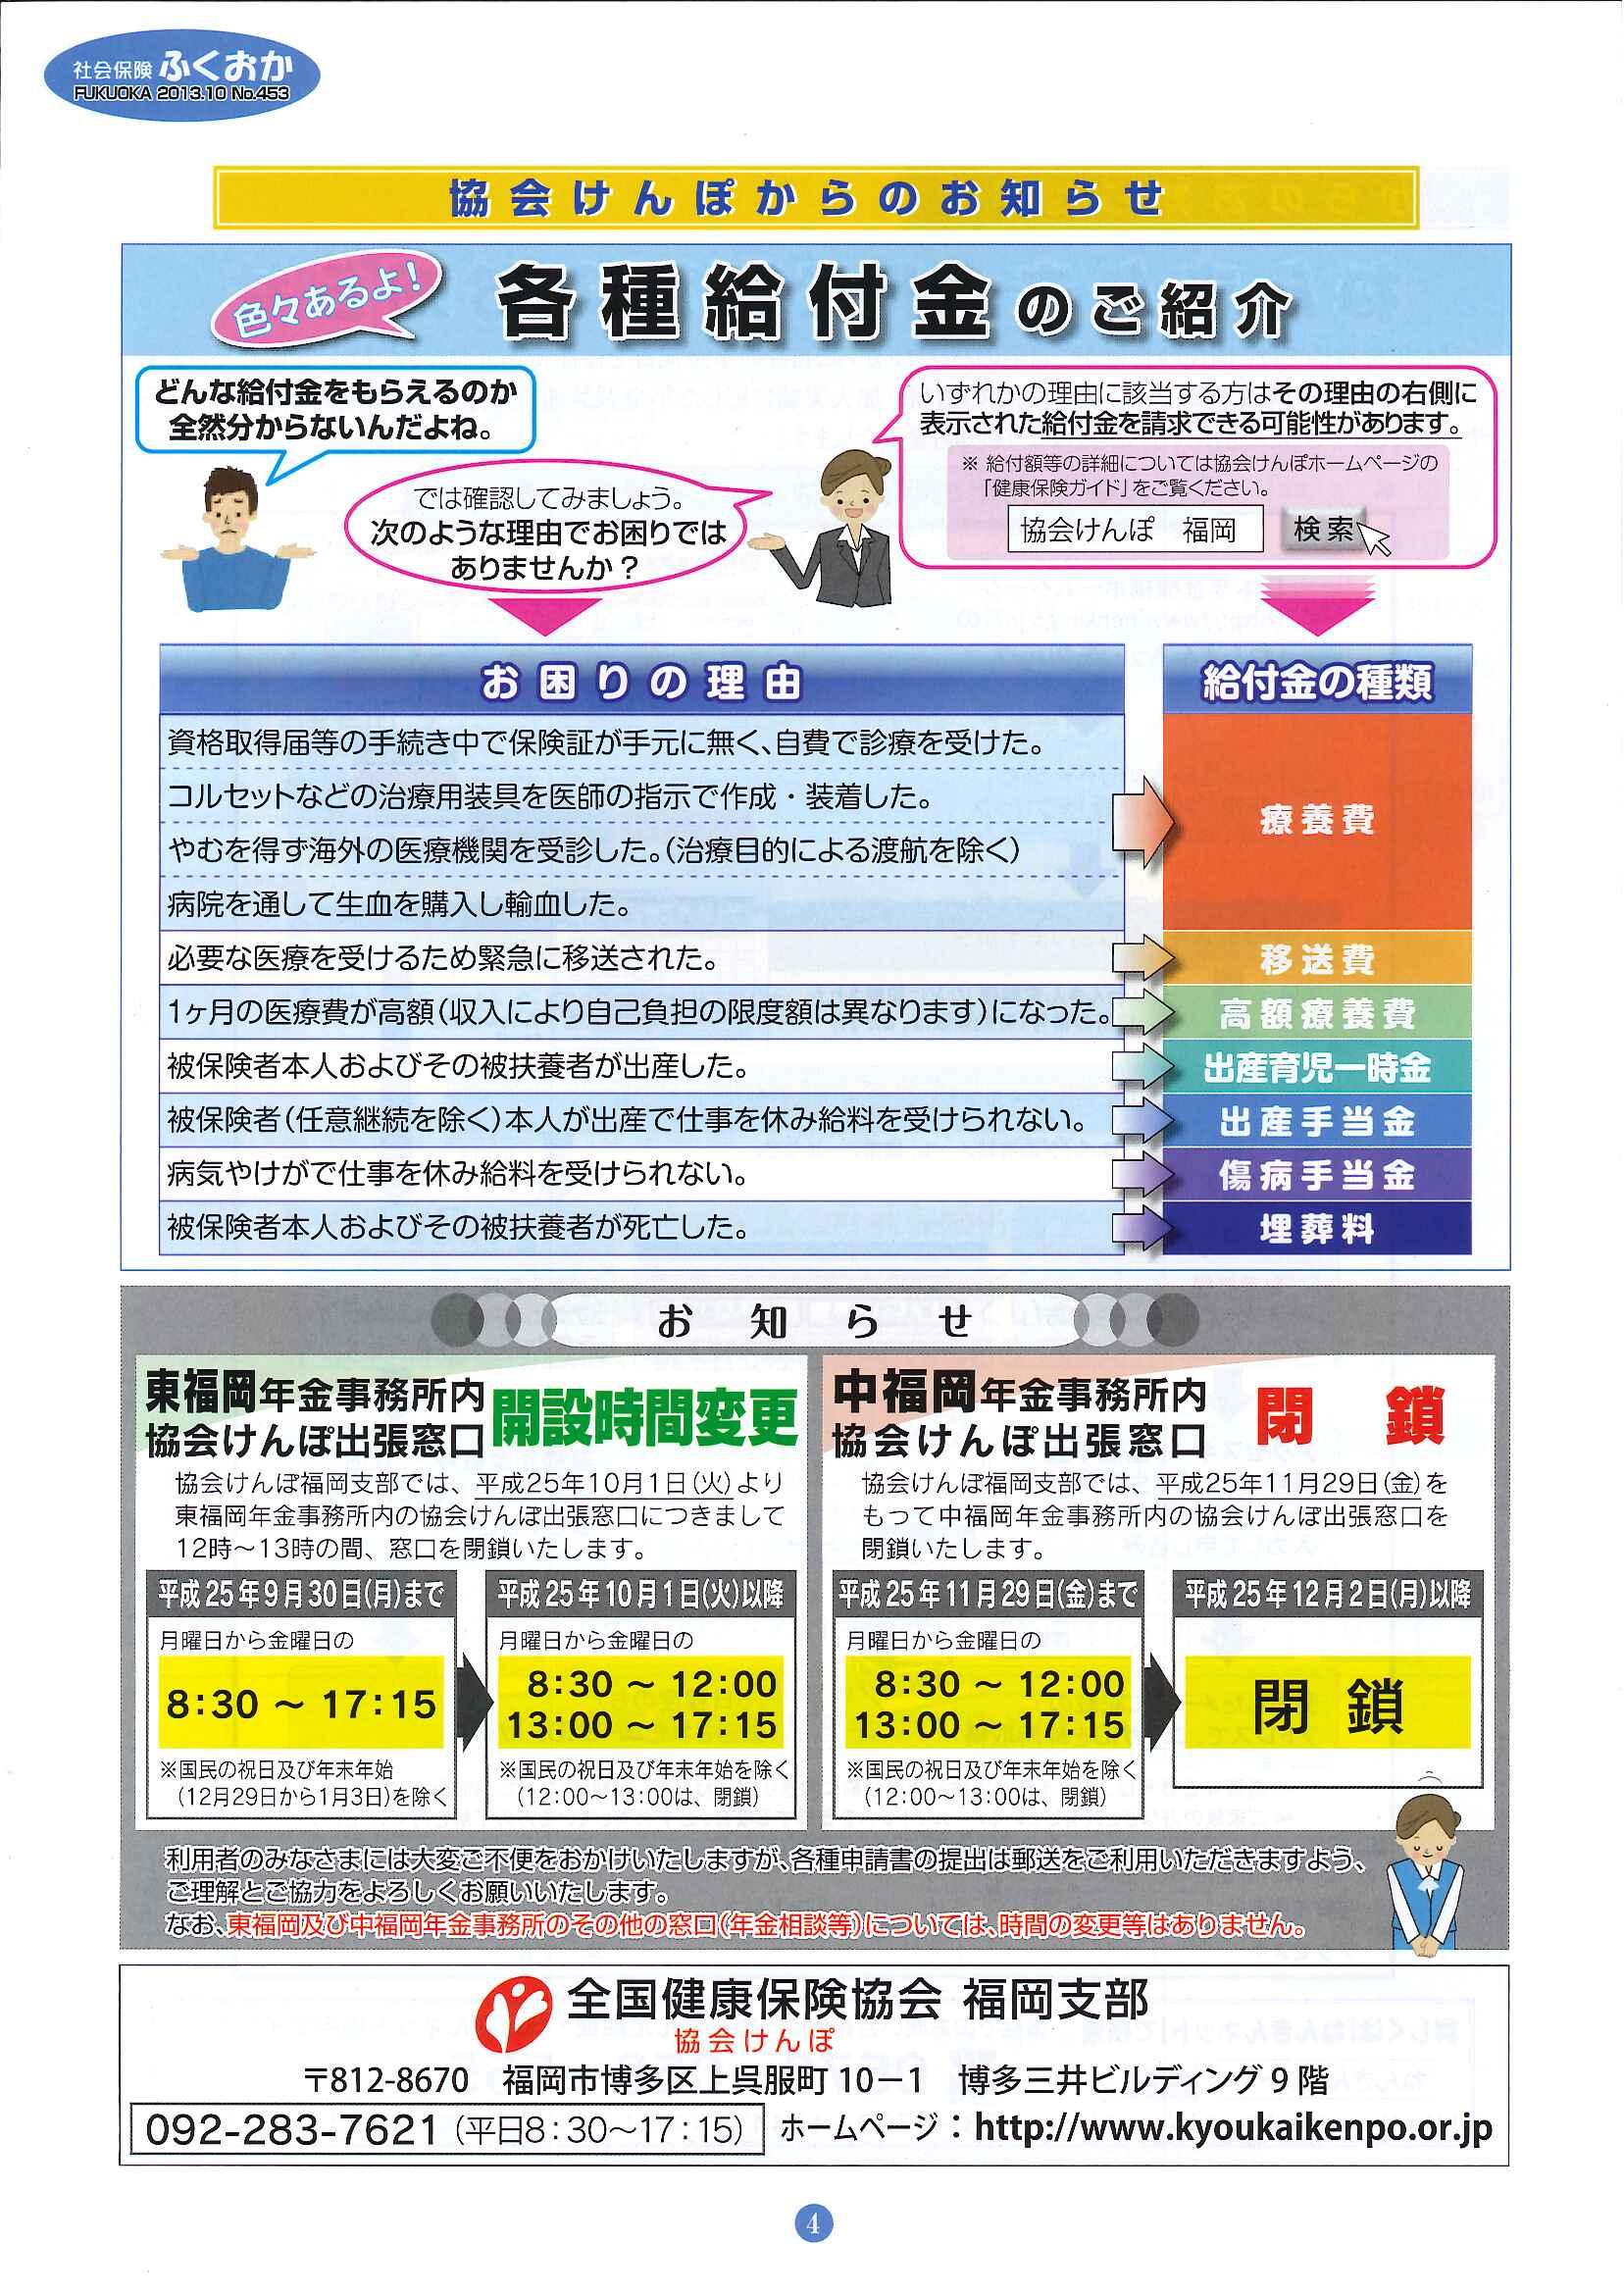 社会保険 ふくおか 2013年 10月号_f0120774_1502119.jpg